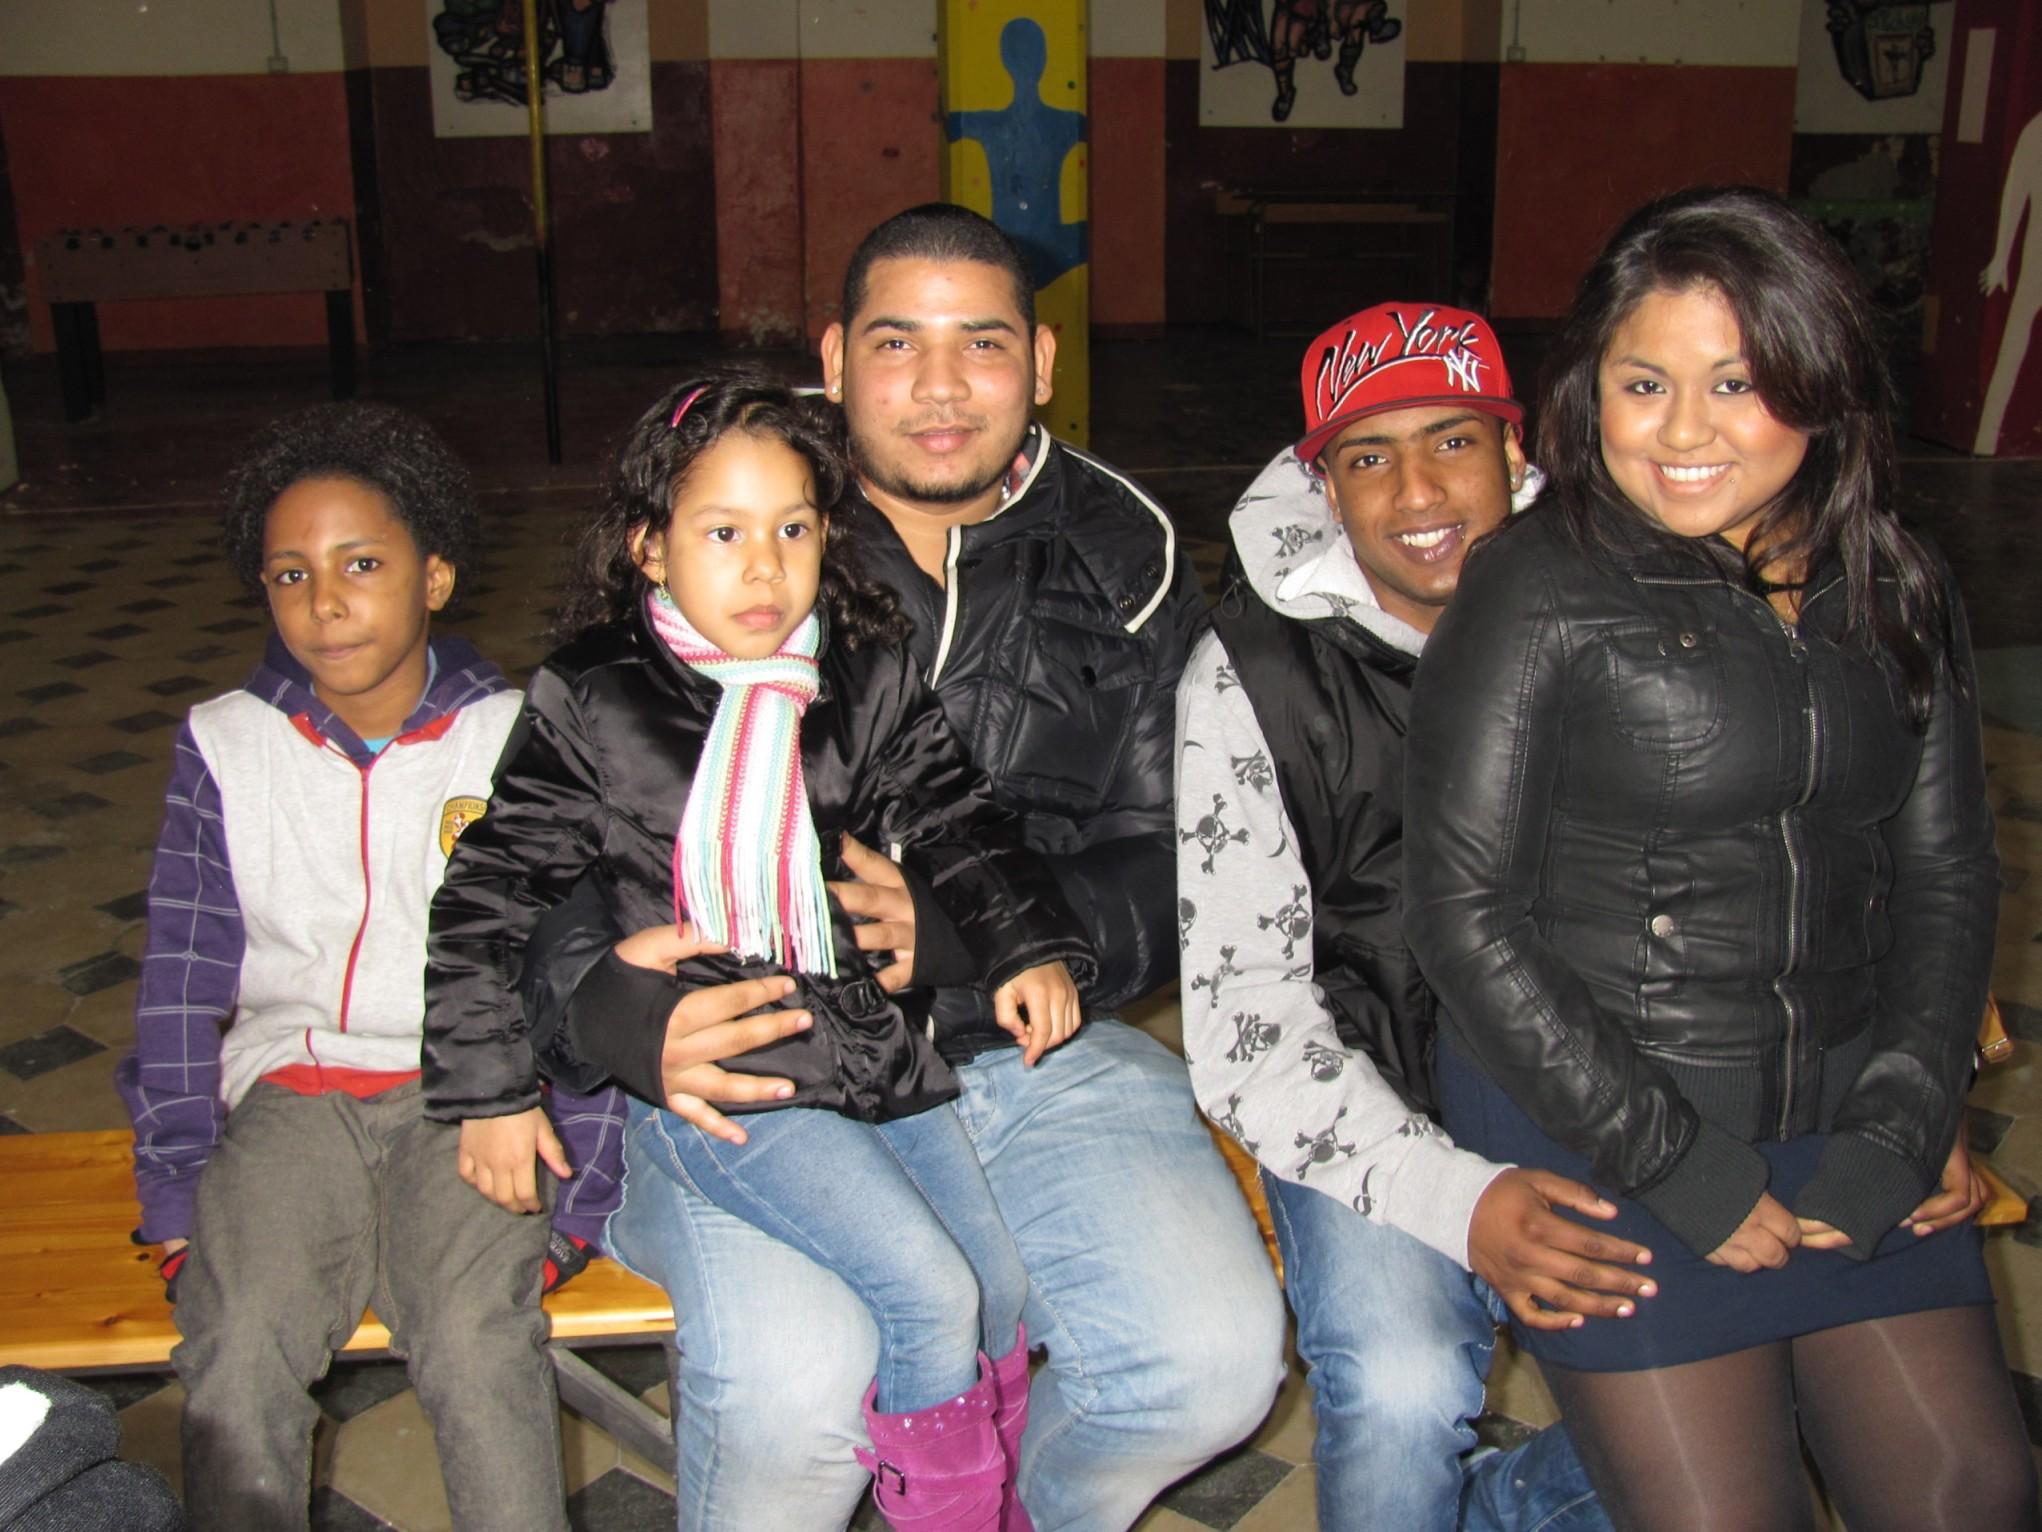 dominicani_indipendenza_2012-02-26-18-55-59